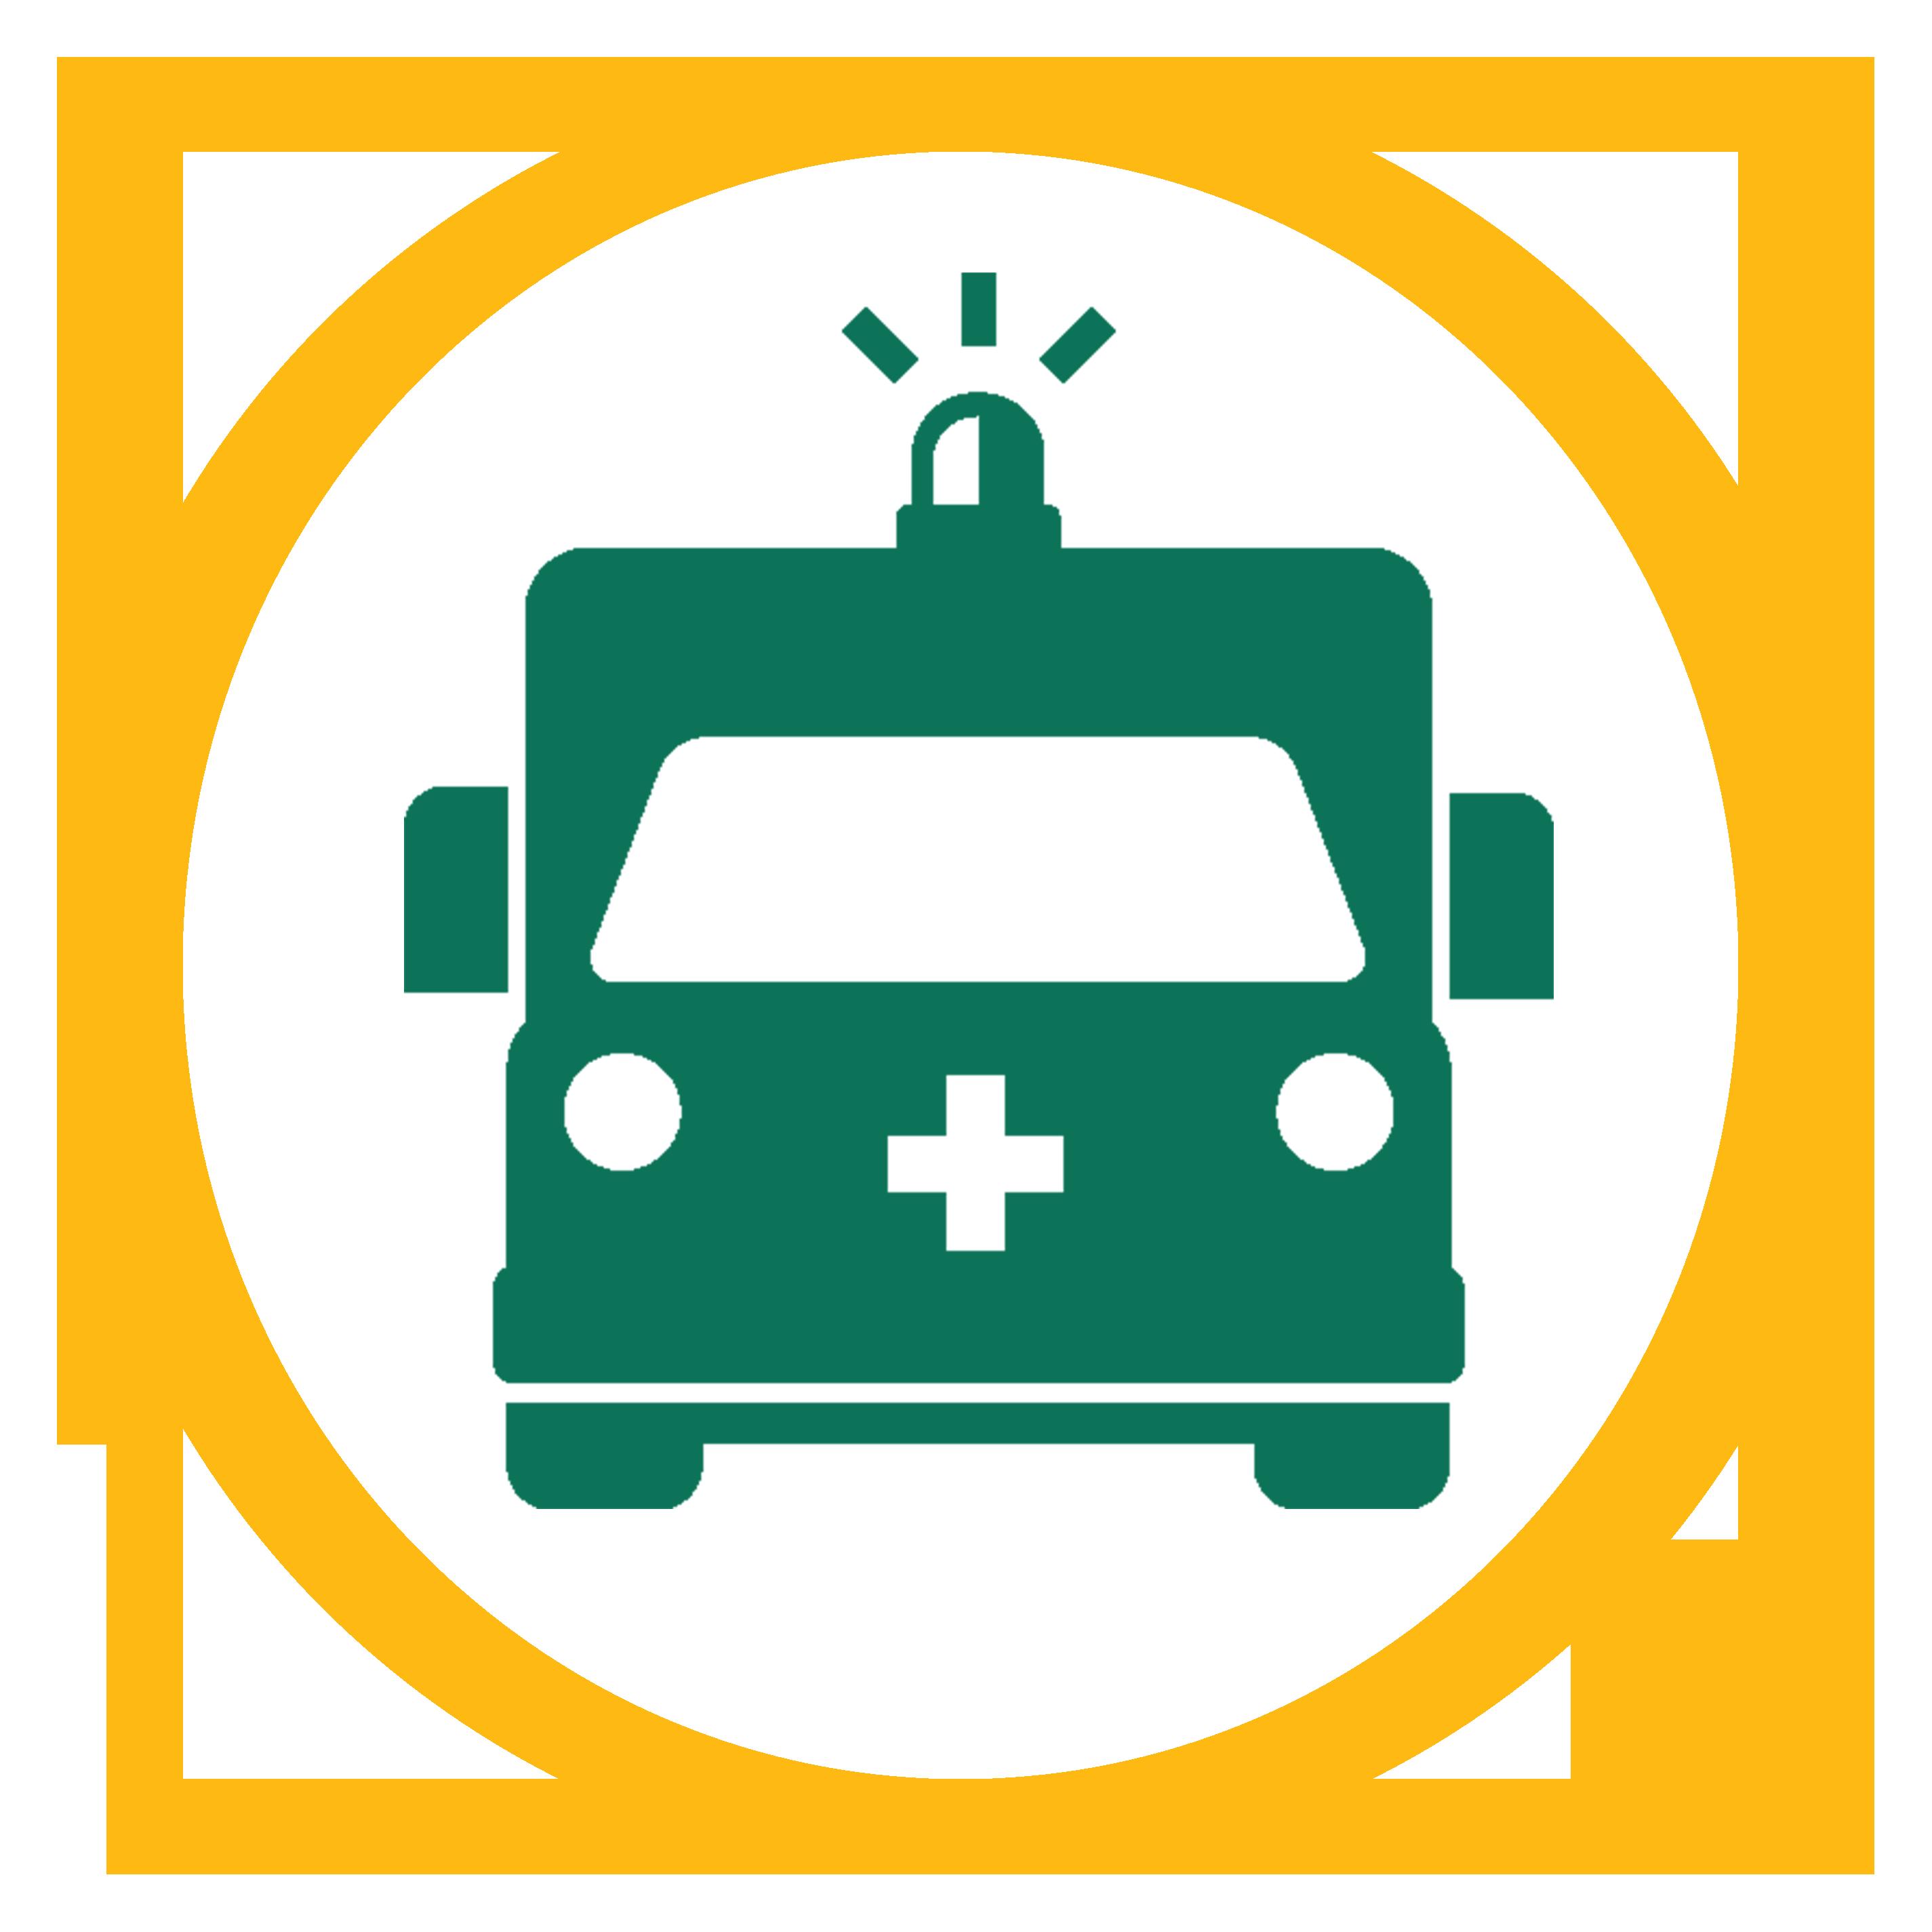 Emergency clipart community vehicle. Ambulances ems world